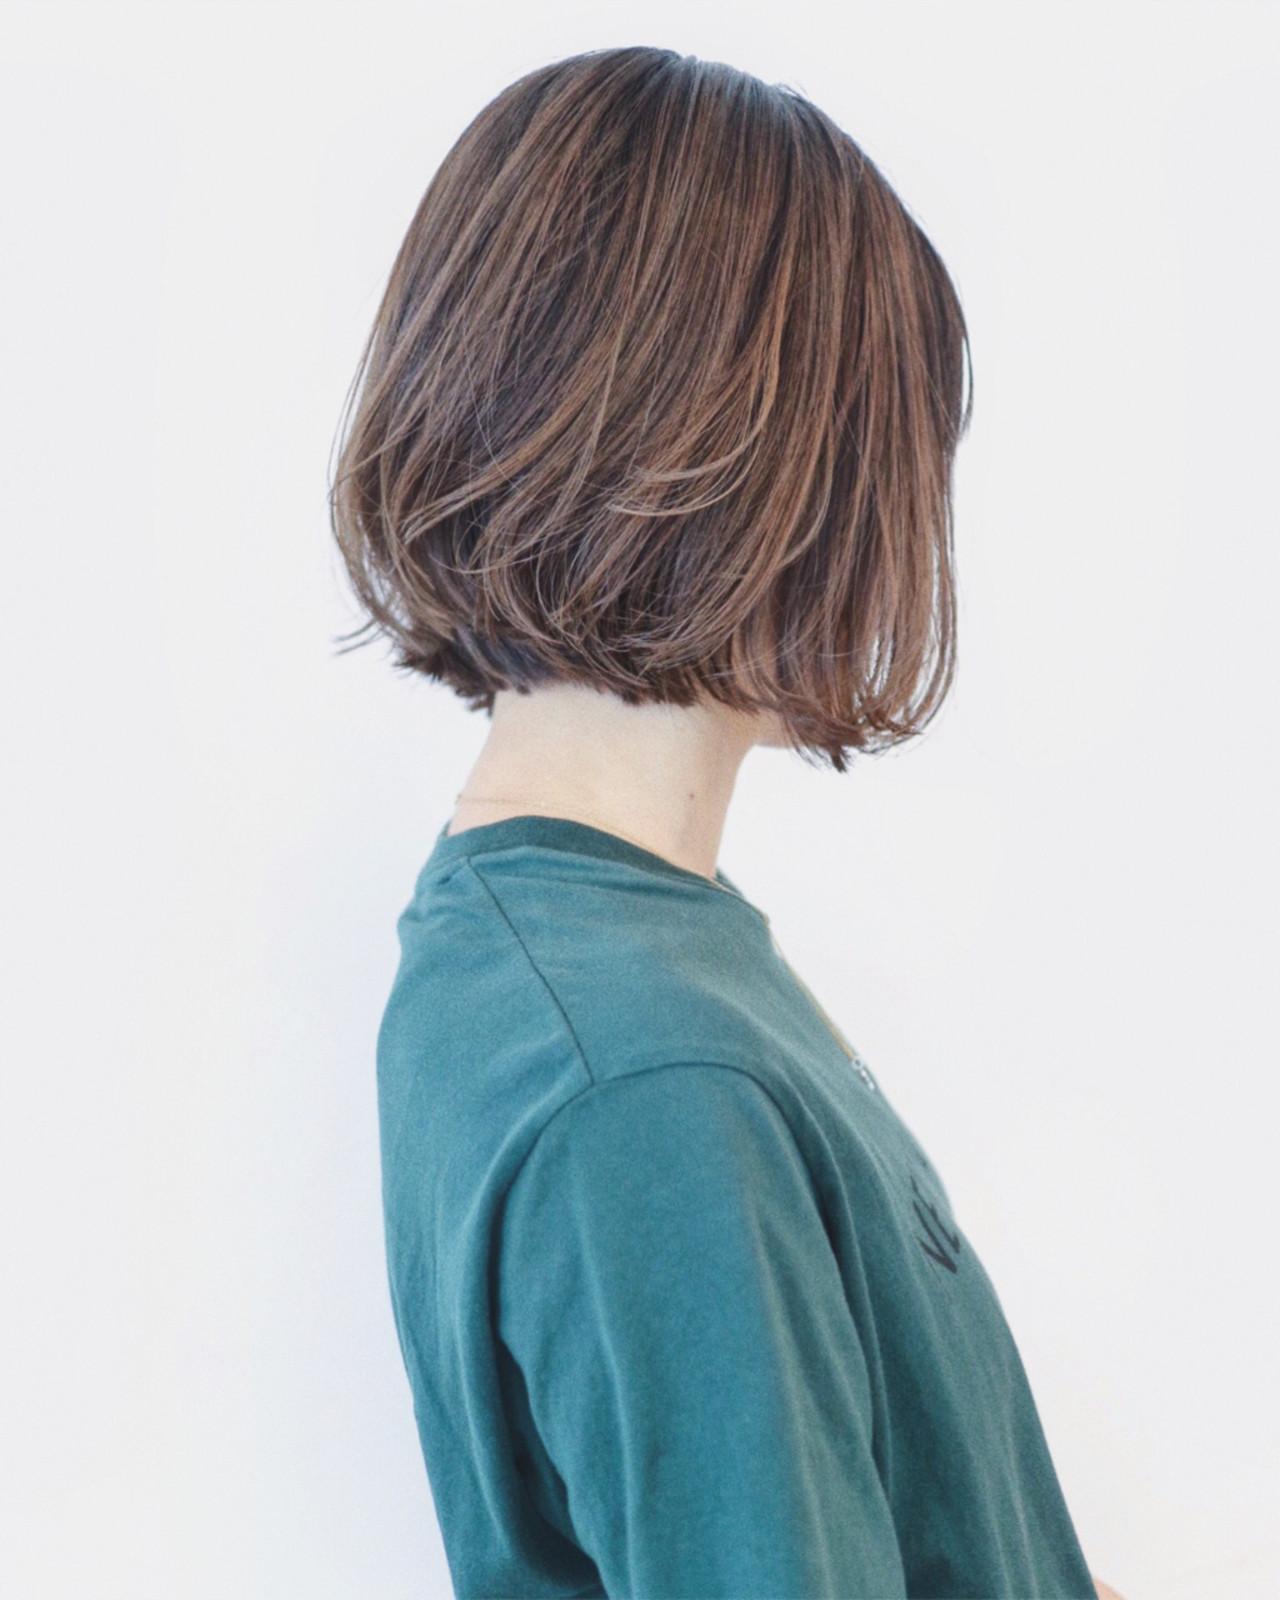 バレイヤージュ エフォートレス グラデーションカラー 外国人風カラー ヘアスタイルや髪型の写真・画像